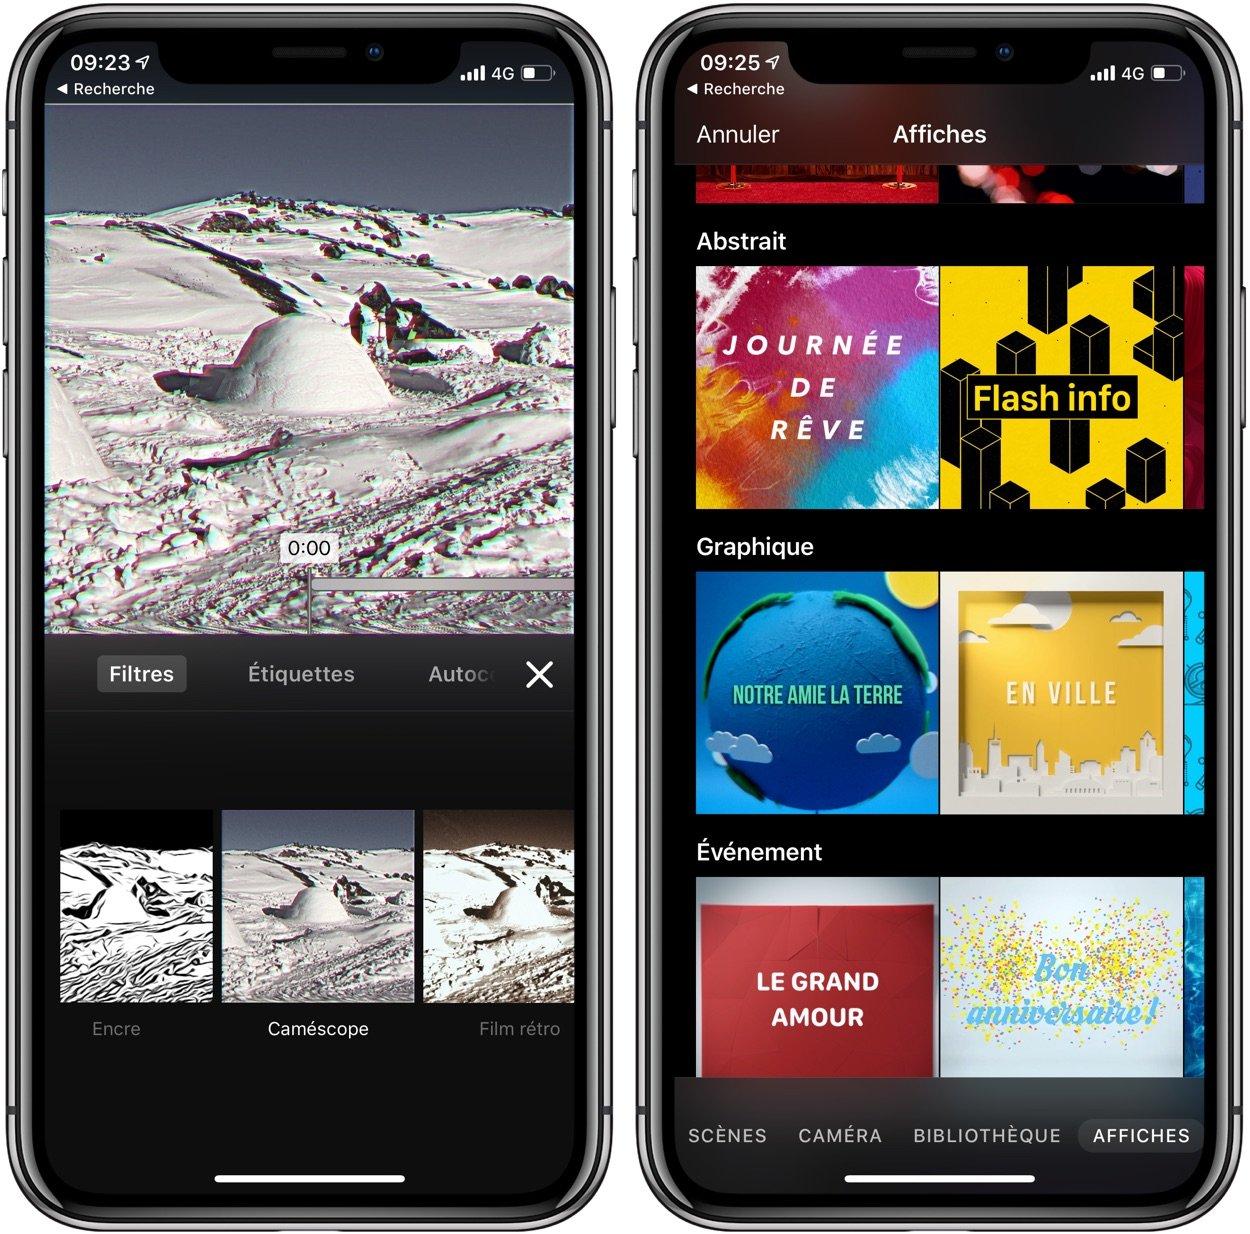 L'app Clips d'Apple enrichie d'un mode caméra rétro, de nouveaux stickers et plus 1